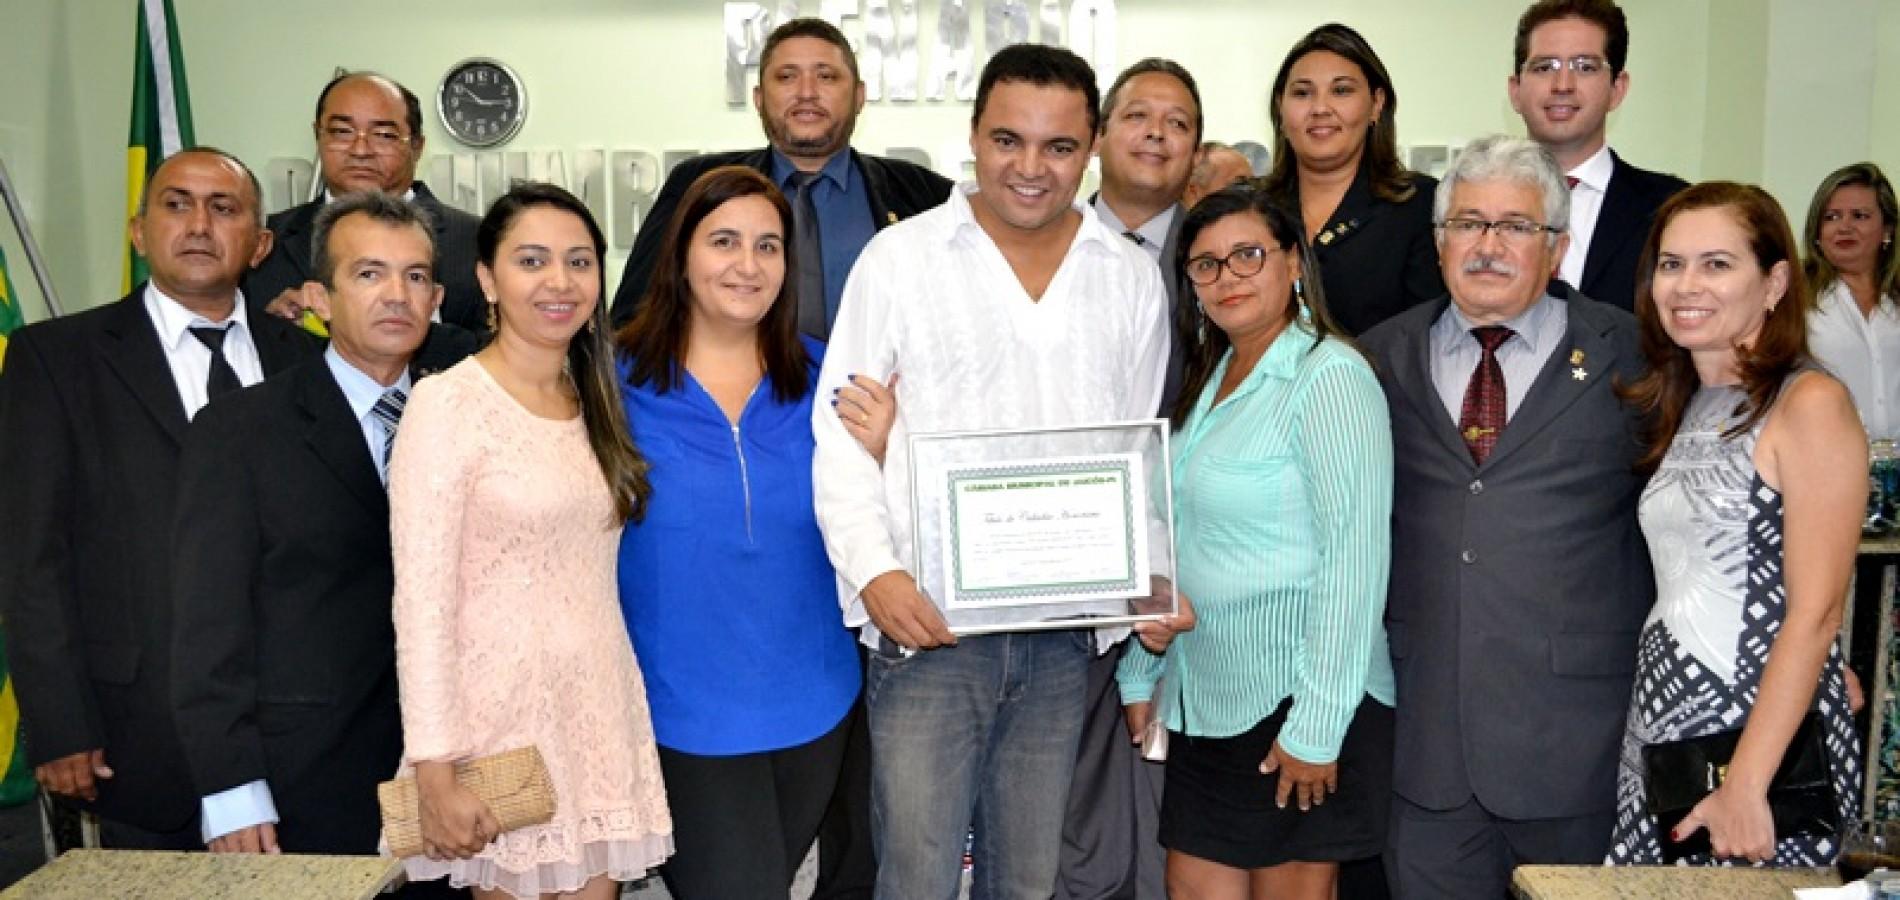 FOTOS | Entrega do Título de Cidadão Honorário de Jaicós ao músico Chambinho do Acordeon